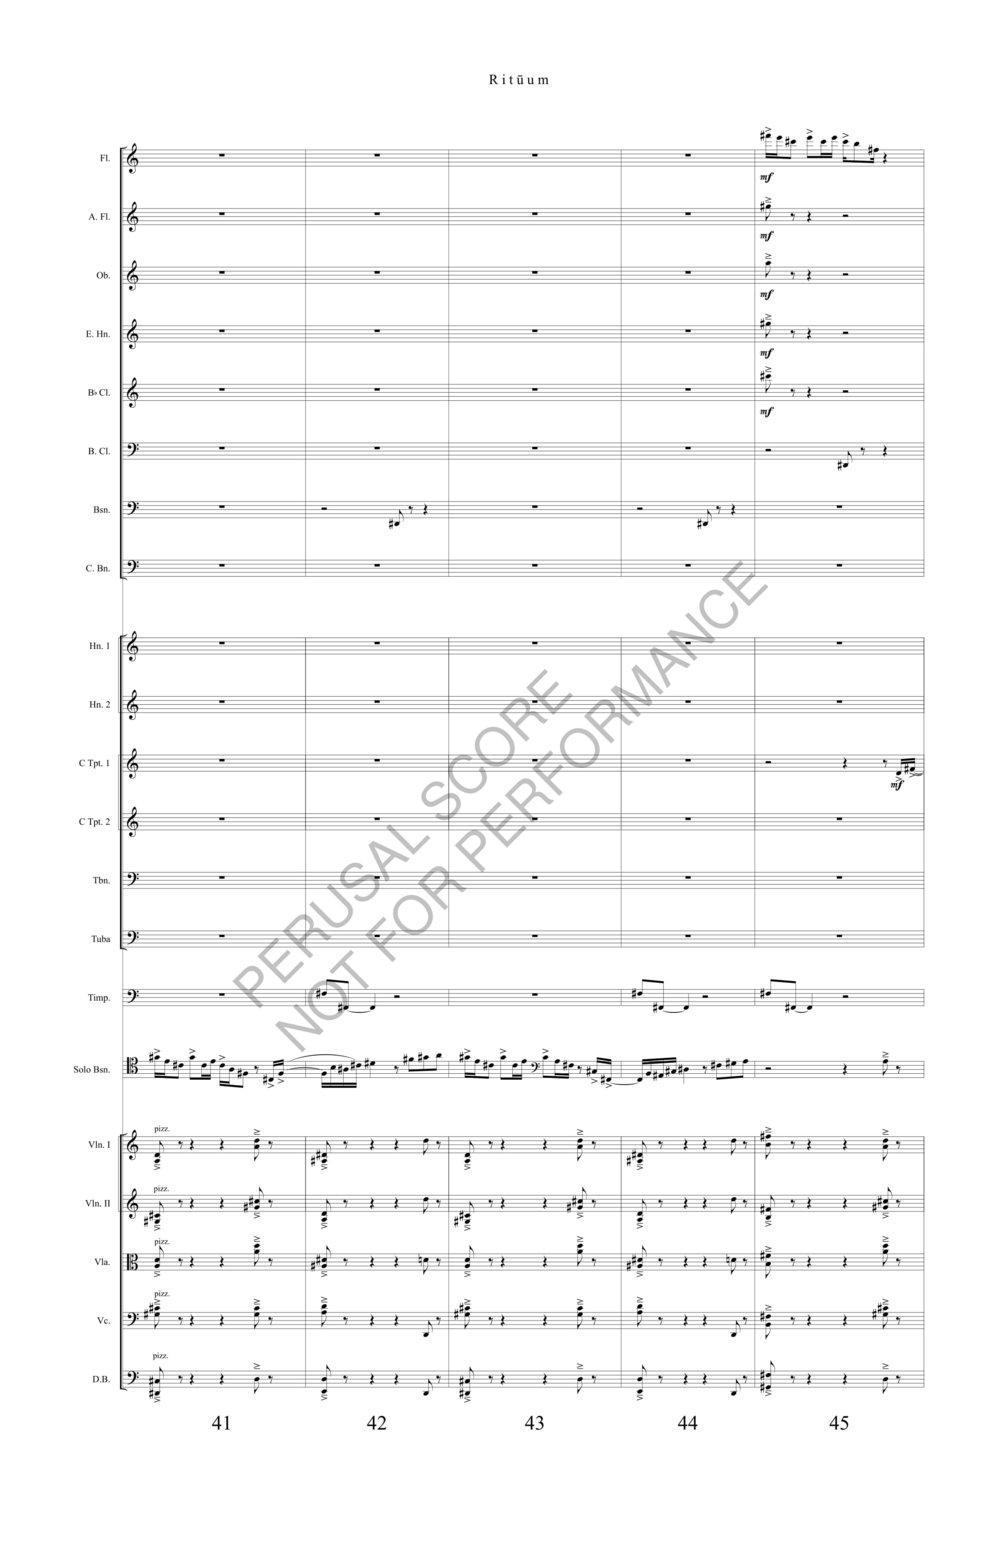 Boyd Rituum Score-watermark (1)-15.jpg